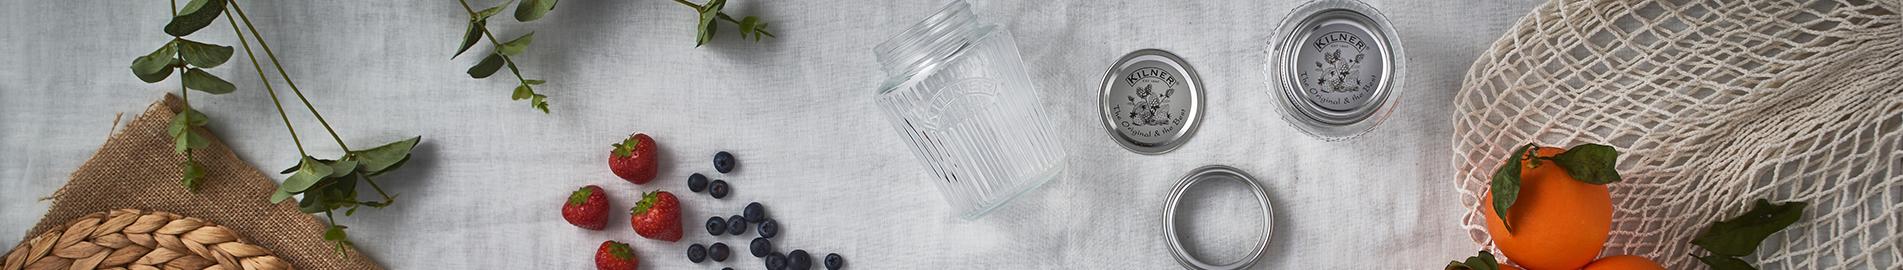 Vintage Preserve Jars